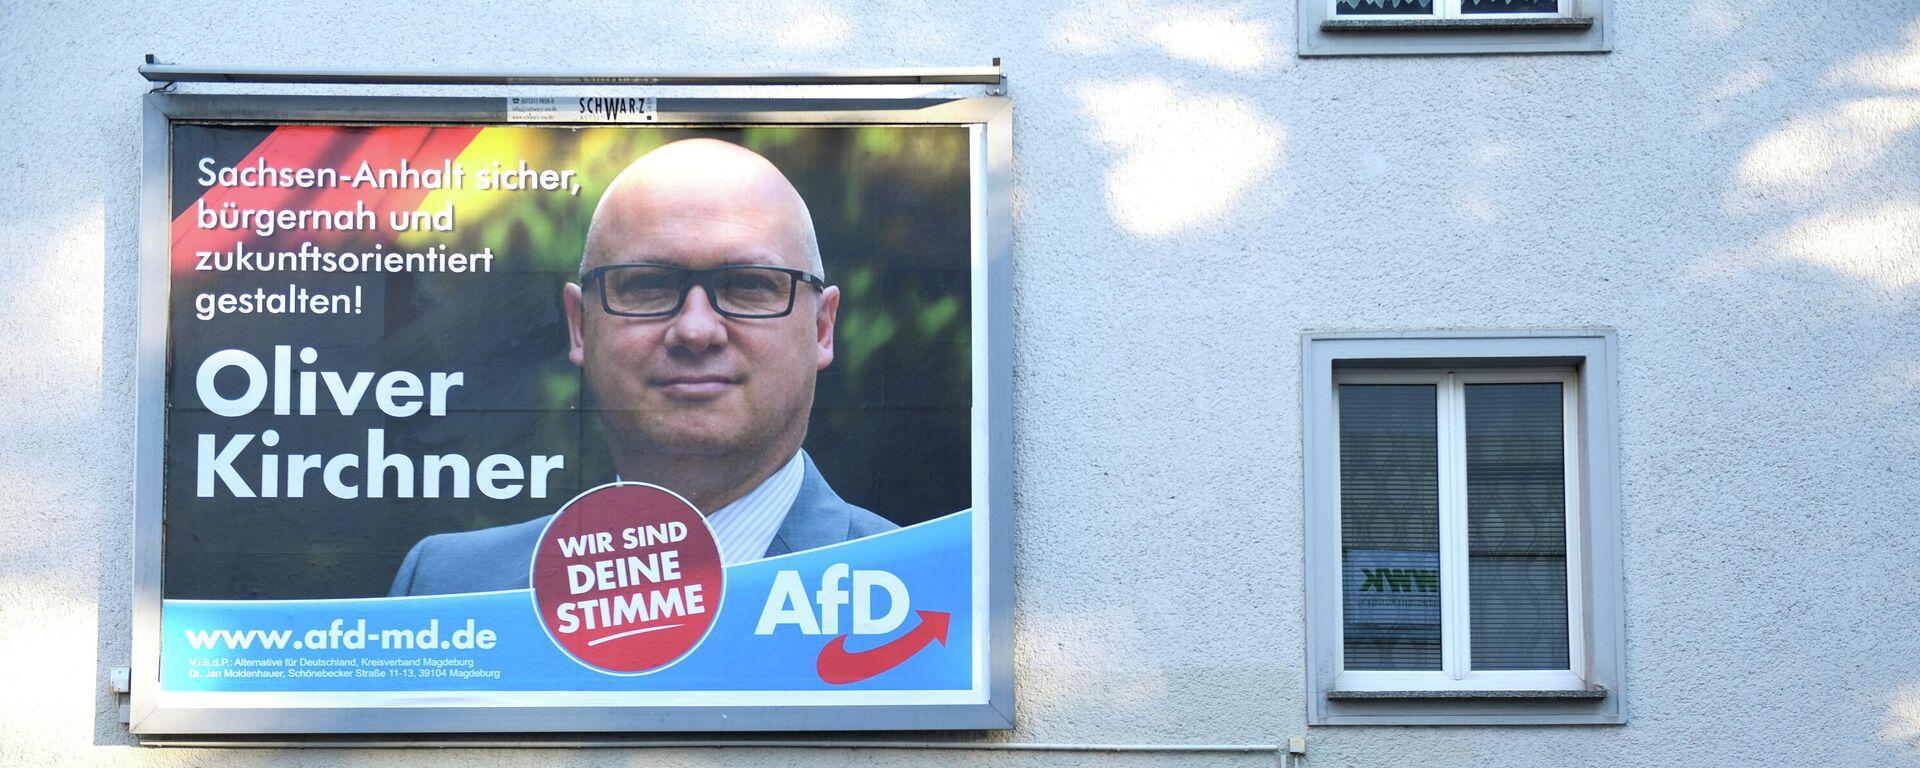 AfD-Kandidat Oliver Kirchner - SNA, 1920, 03.06.2021